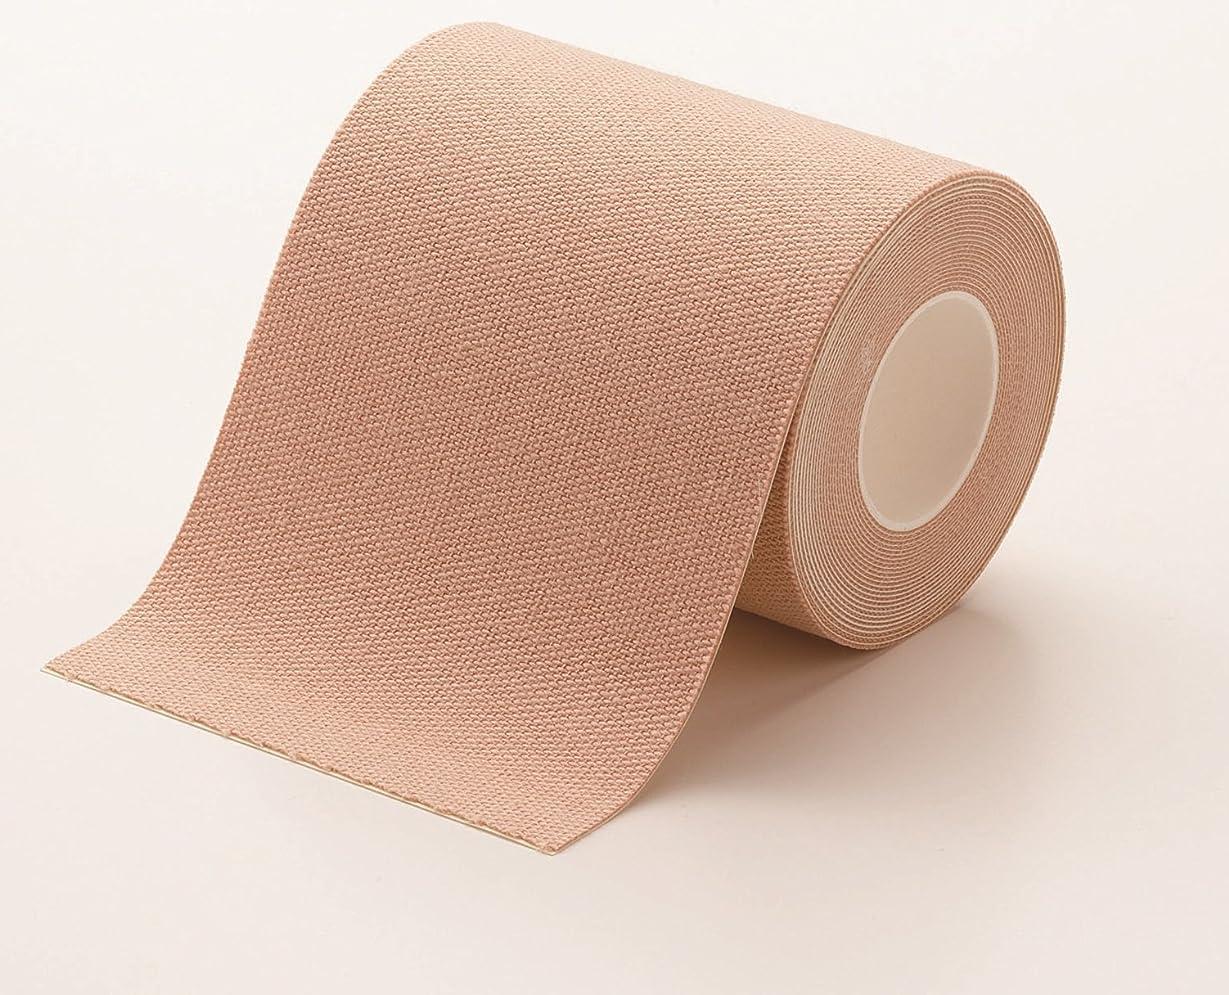 卑しい防水エミュレートする汗かきさんの直貼りワイド汗取りシート5個組 (ヒアルロン酸配合?抗菌加工)